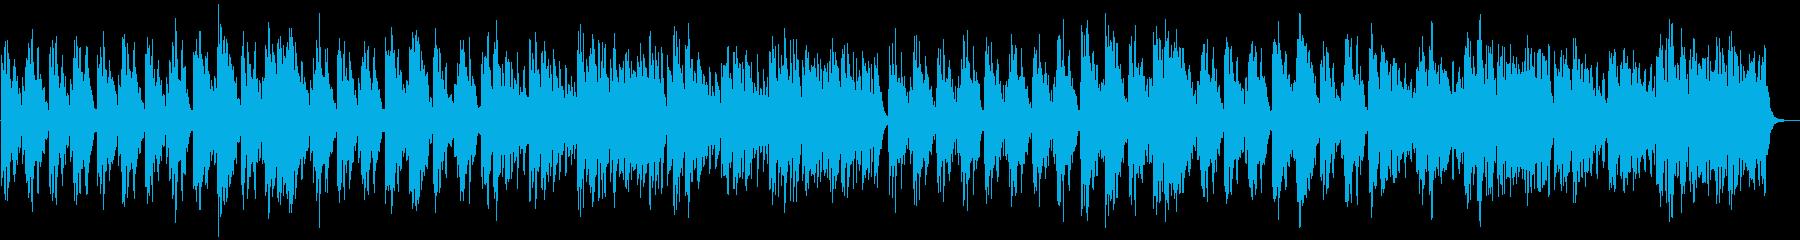 メロディ抜き版の再生済みの波形